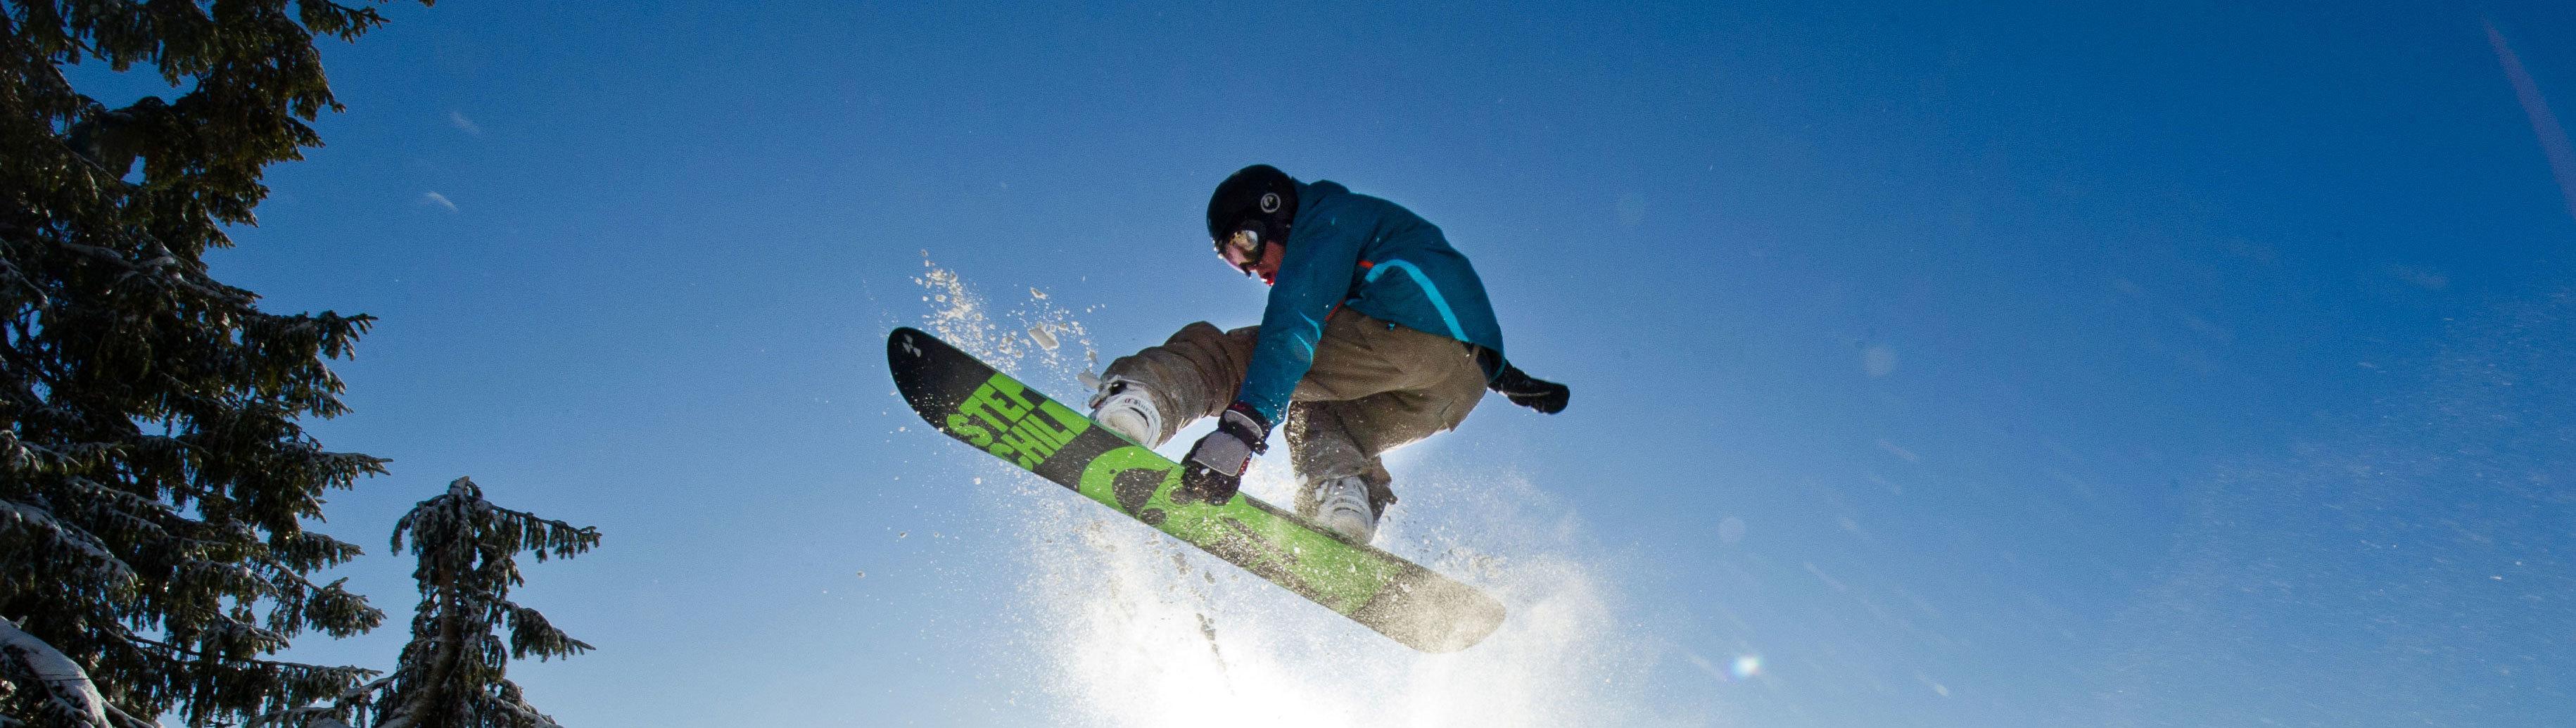 Snowboardcrop